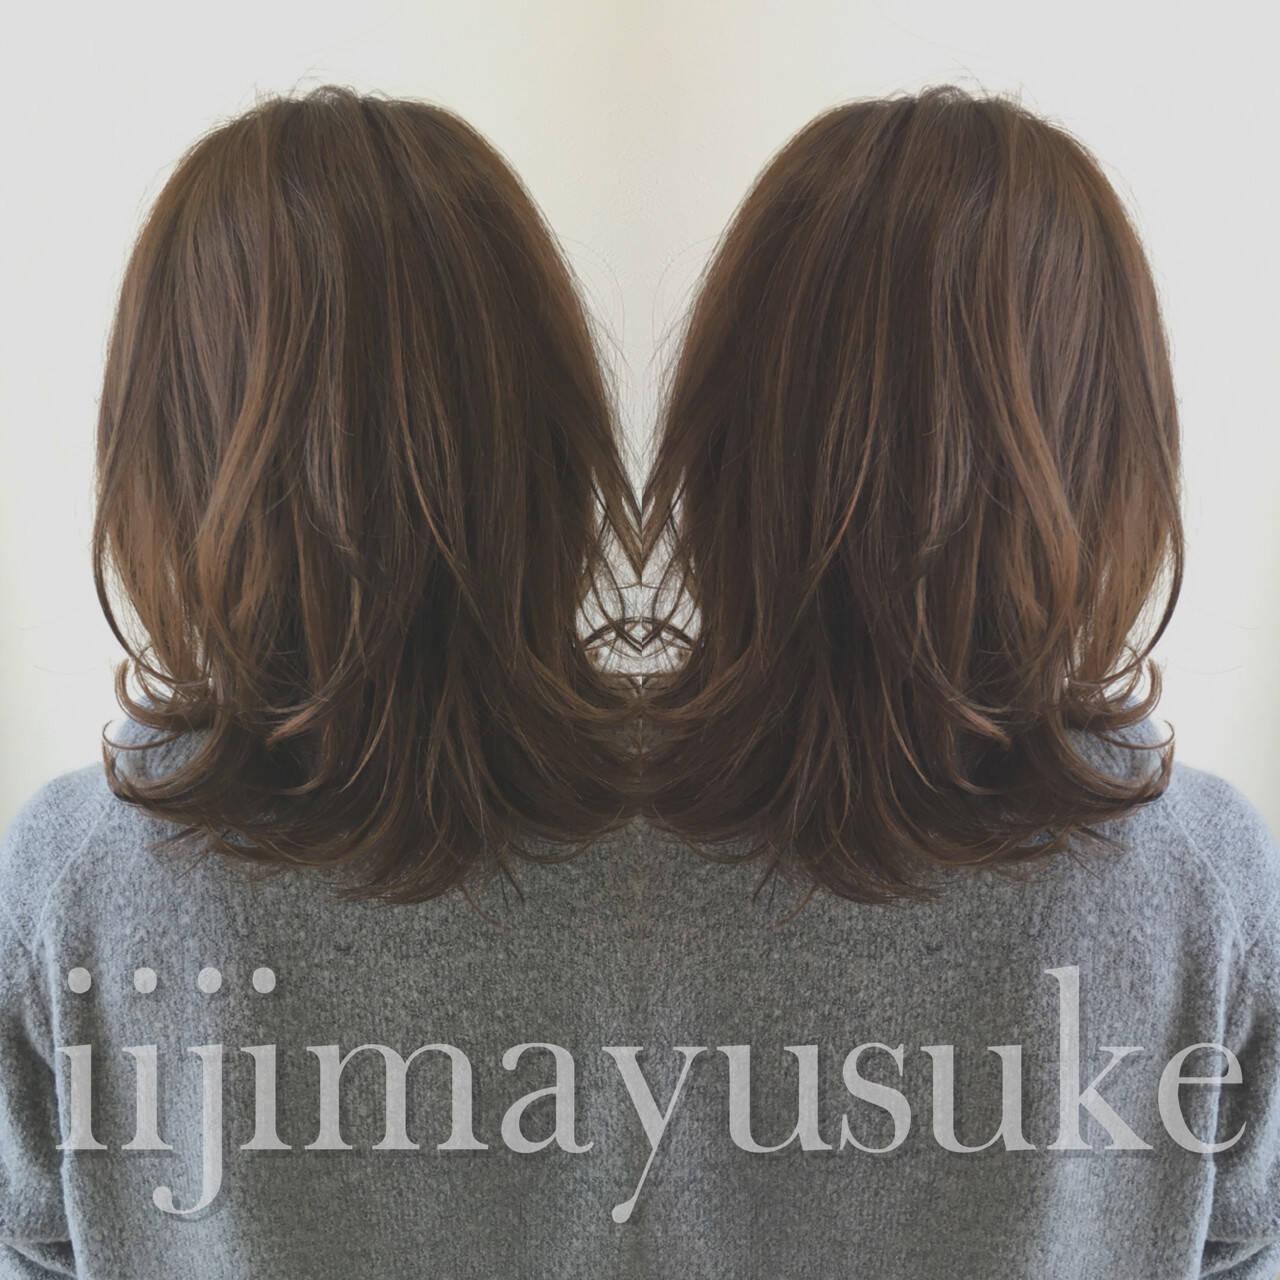 暗髪 アッシュ ミディアム ハイライトヘアスタイルや髪型の写真・画像